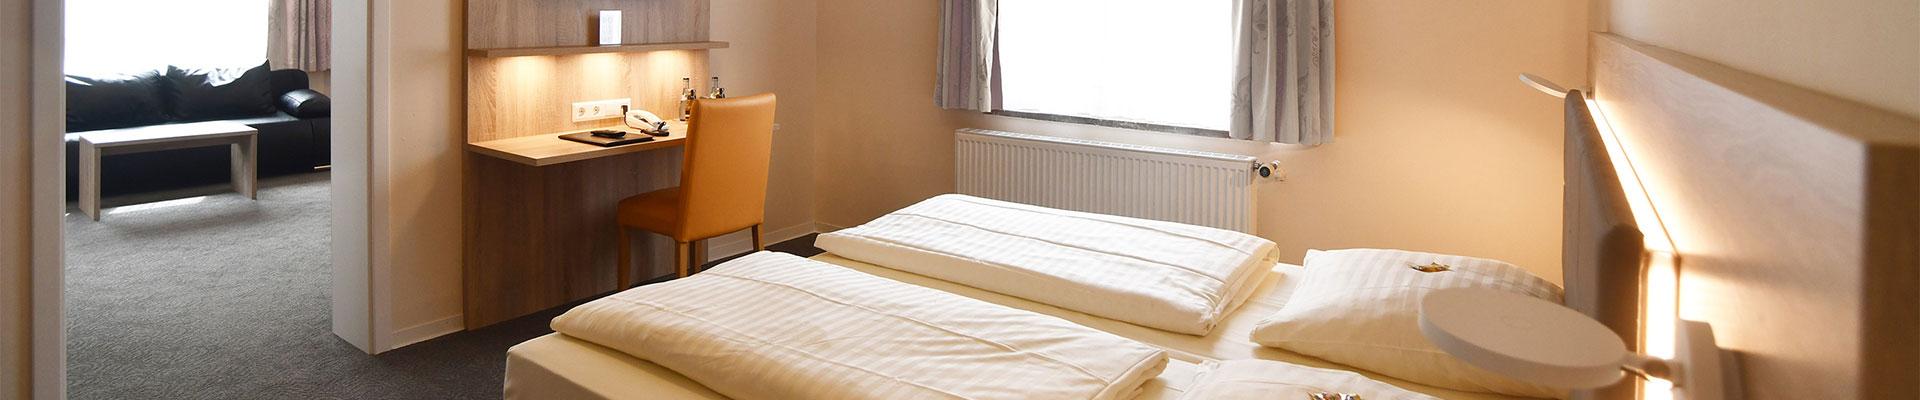 Römerhof - Hotel